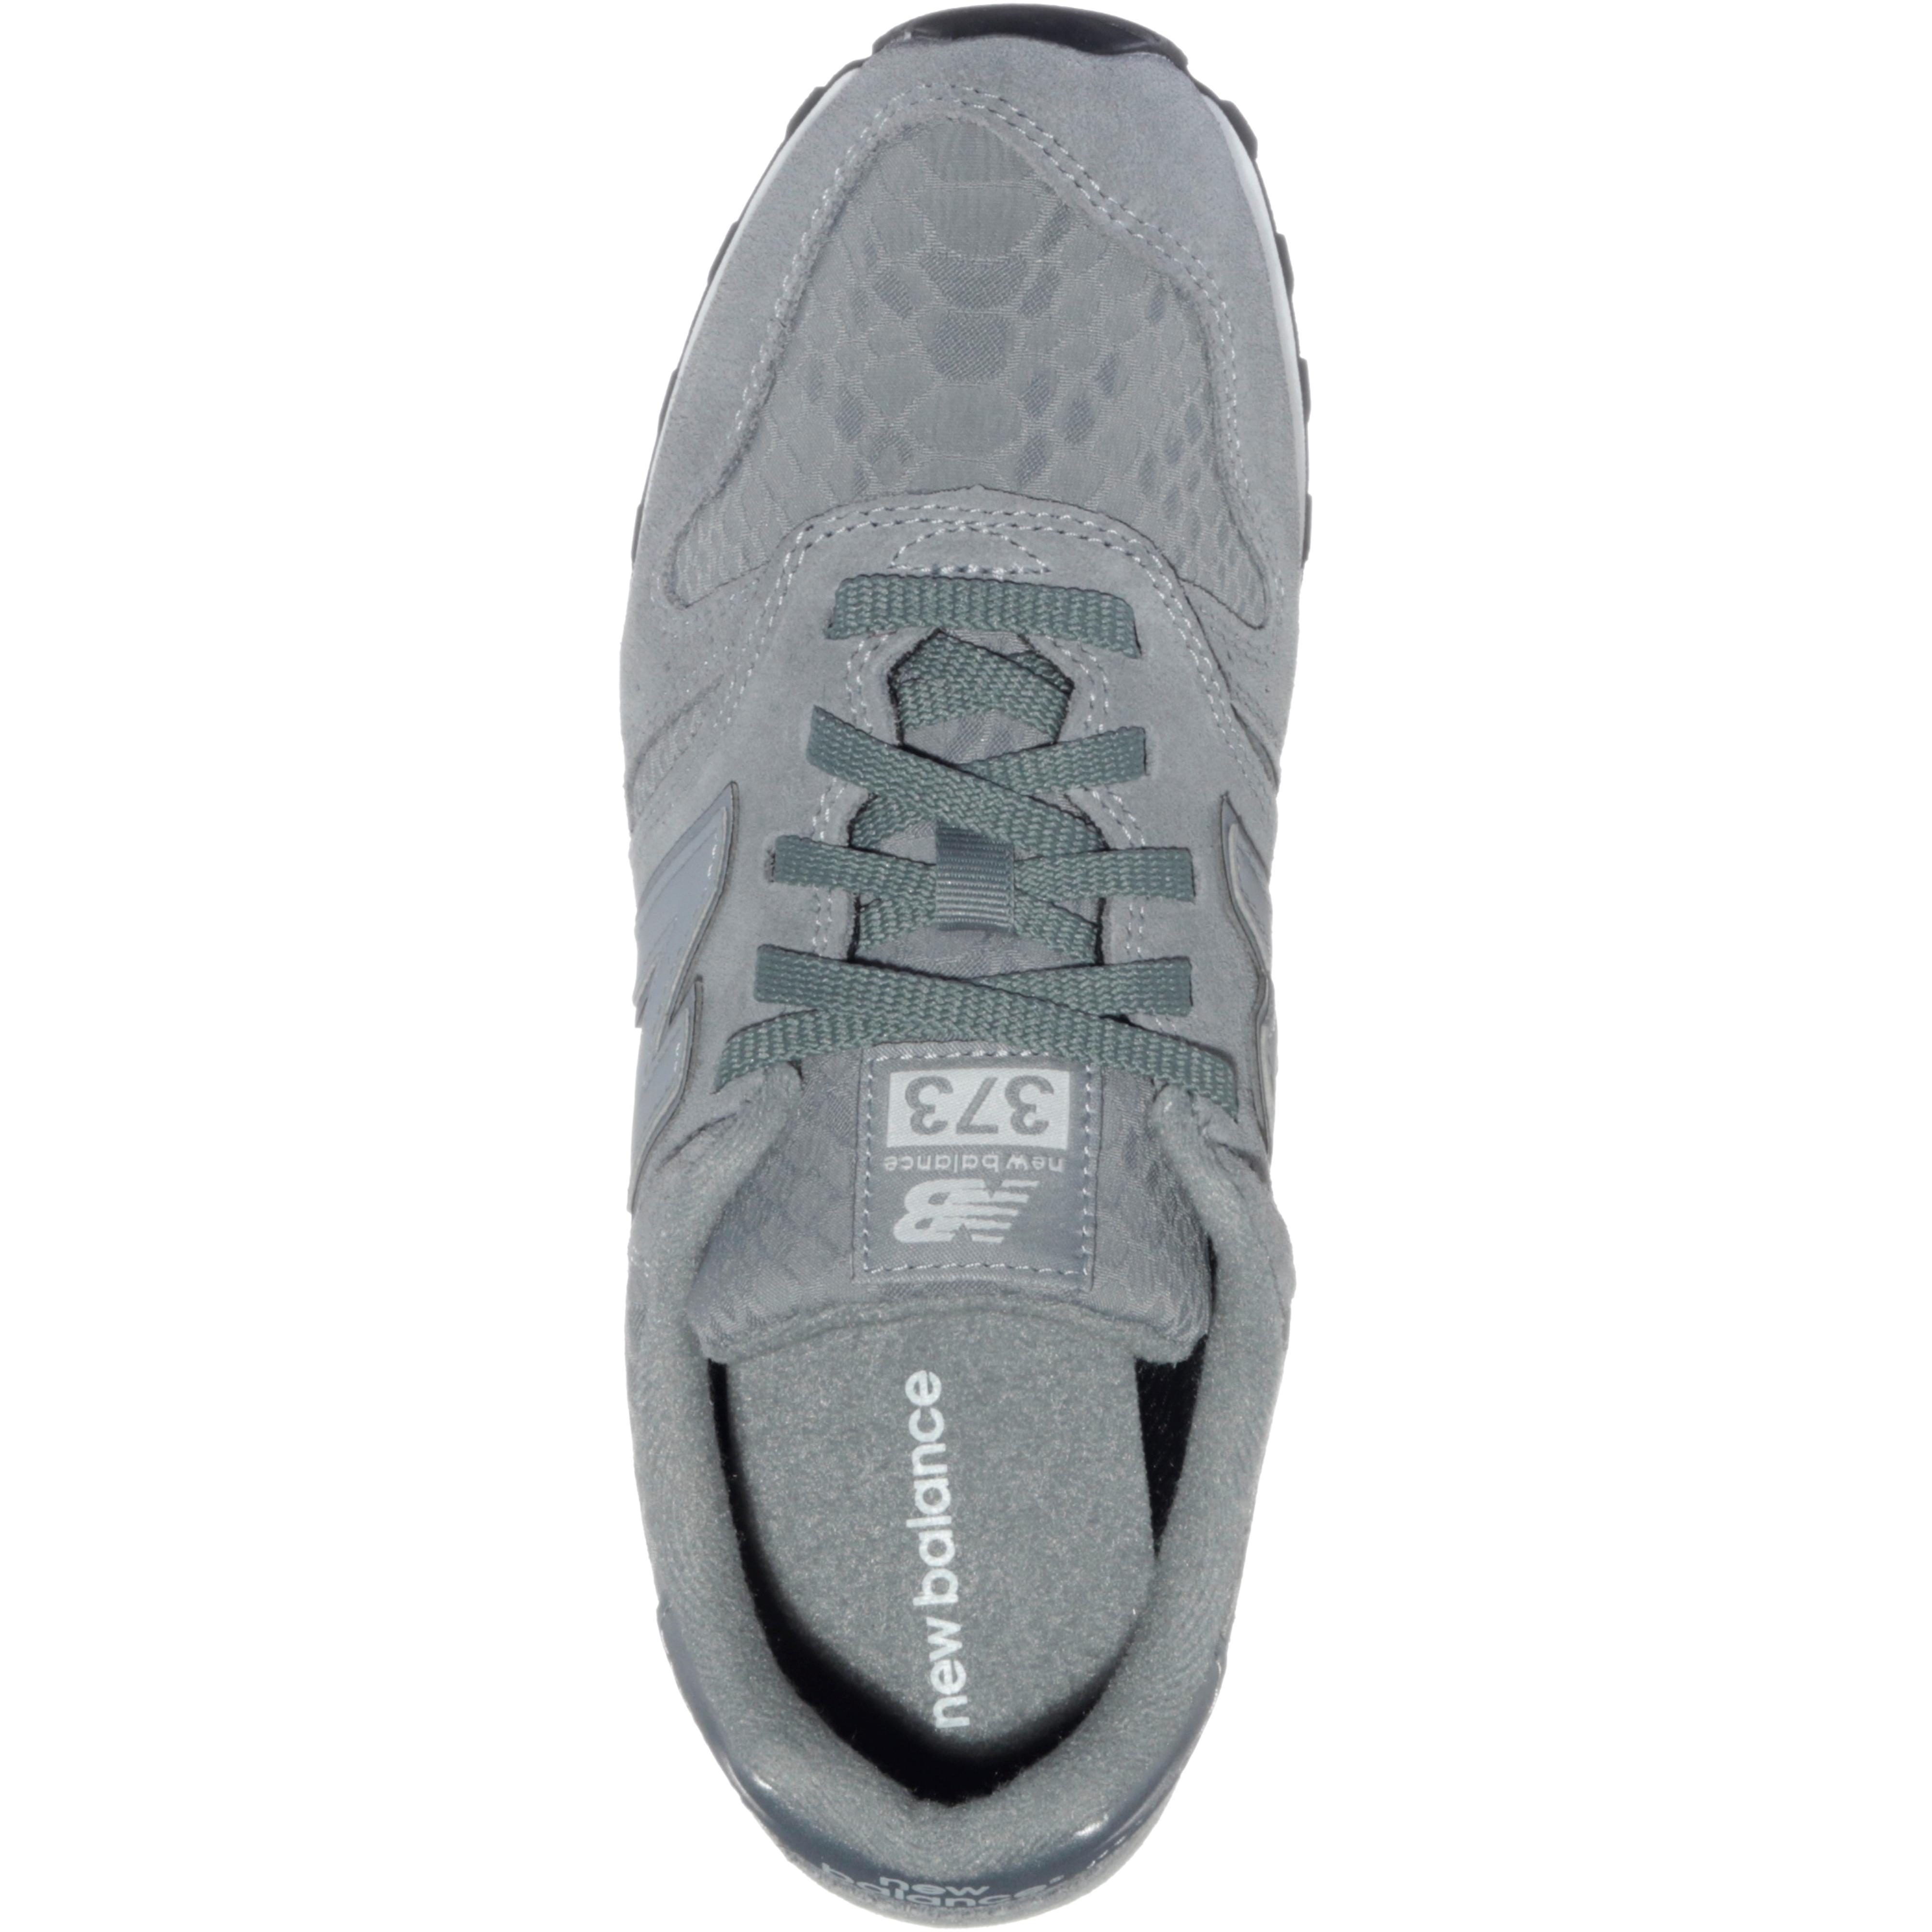 NEW BALANCE WL373 Sneaker Damen schwarz-Weiß im Online Online Online Shop von SportScheck kaufen Gute Qualität beliebte Schuhe a1a027